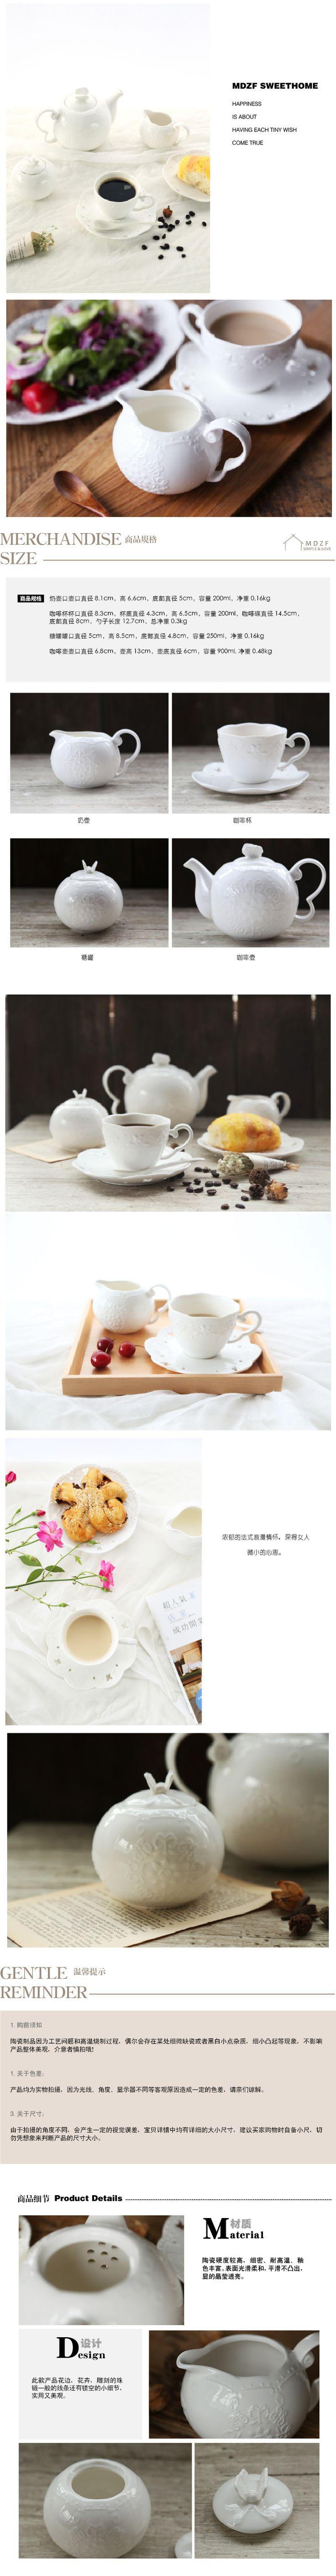 Мода кружева барельеф керамическая вырез серии кофе чашка с блюдцем набор фарфора послеобеденный чай кофе молоко банки кружка с лоток купить на AliExpress